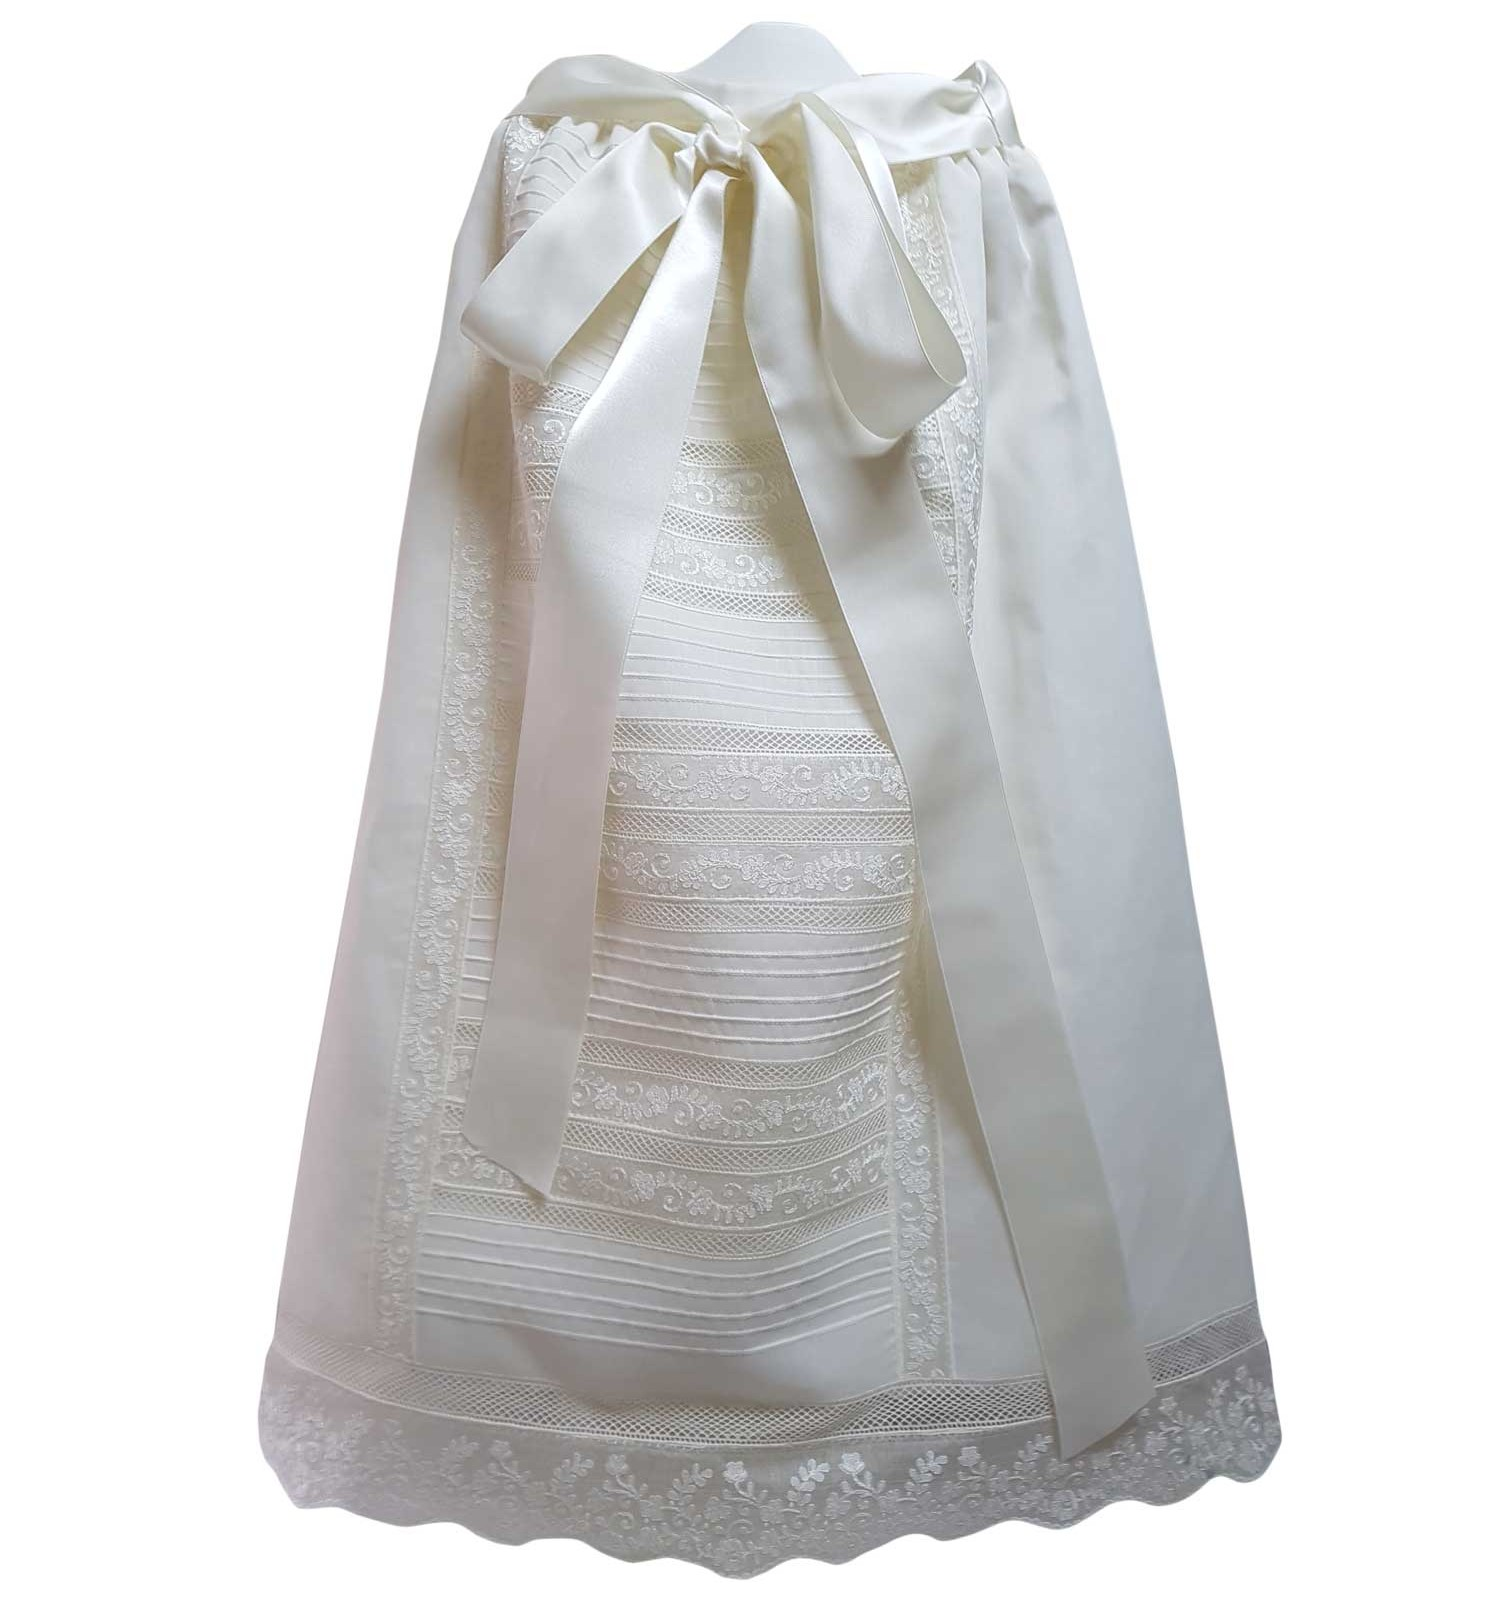 Faldon de cintura de ceremonia y bautizo con pala de jaretas y entredoses